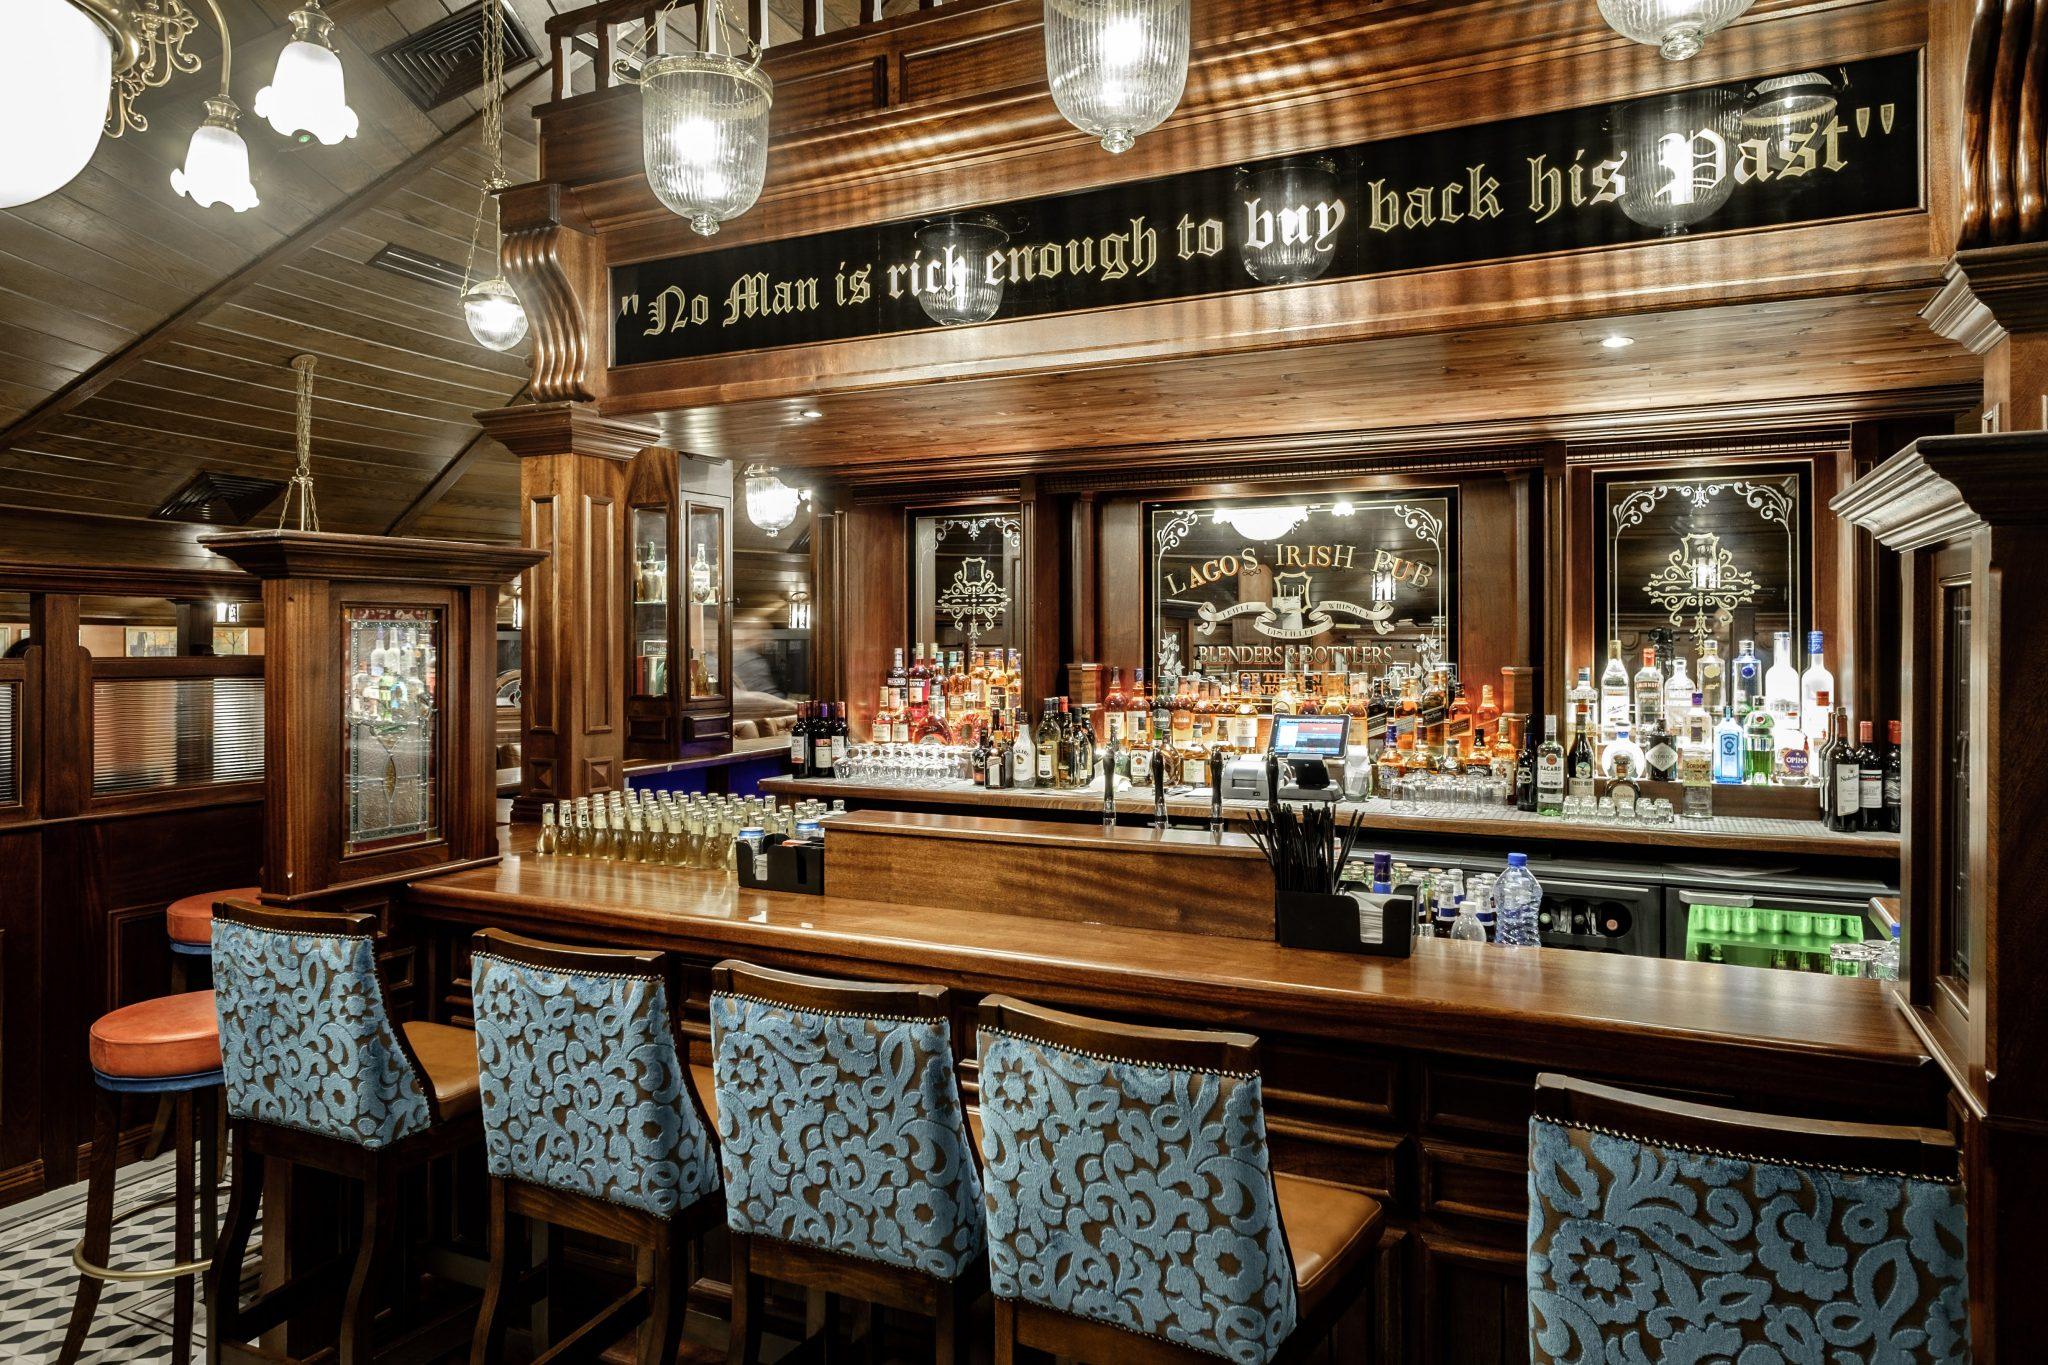 Hotel Bar Design | The Irish Pub